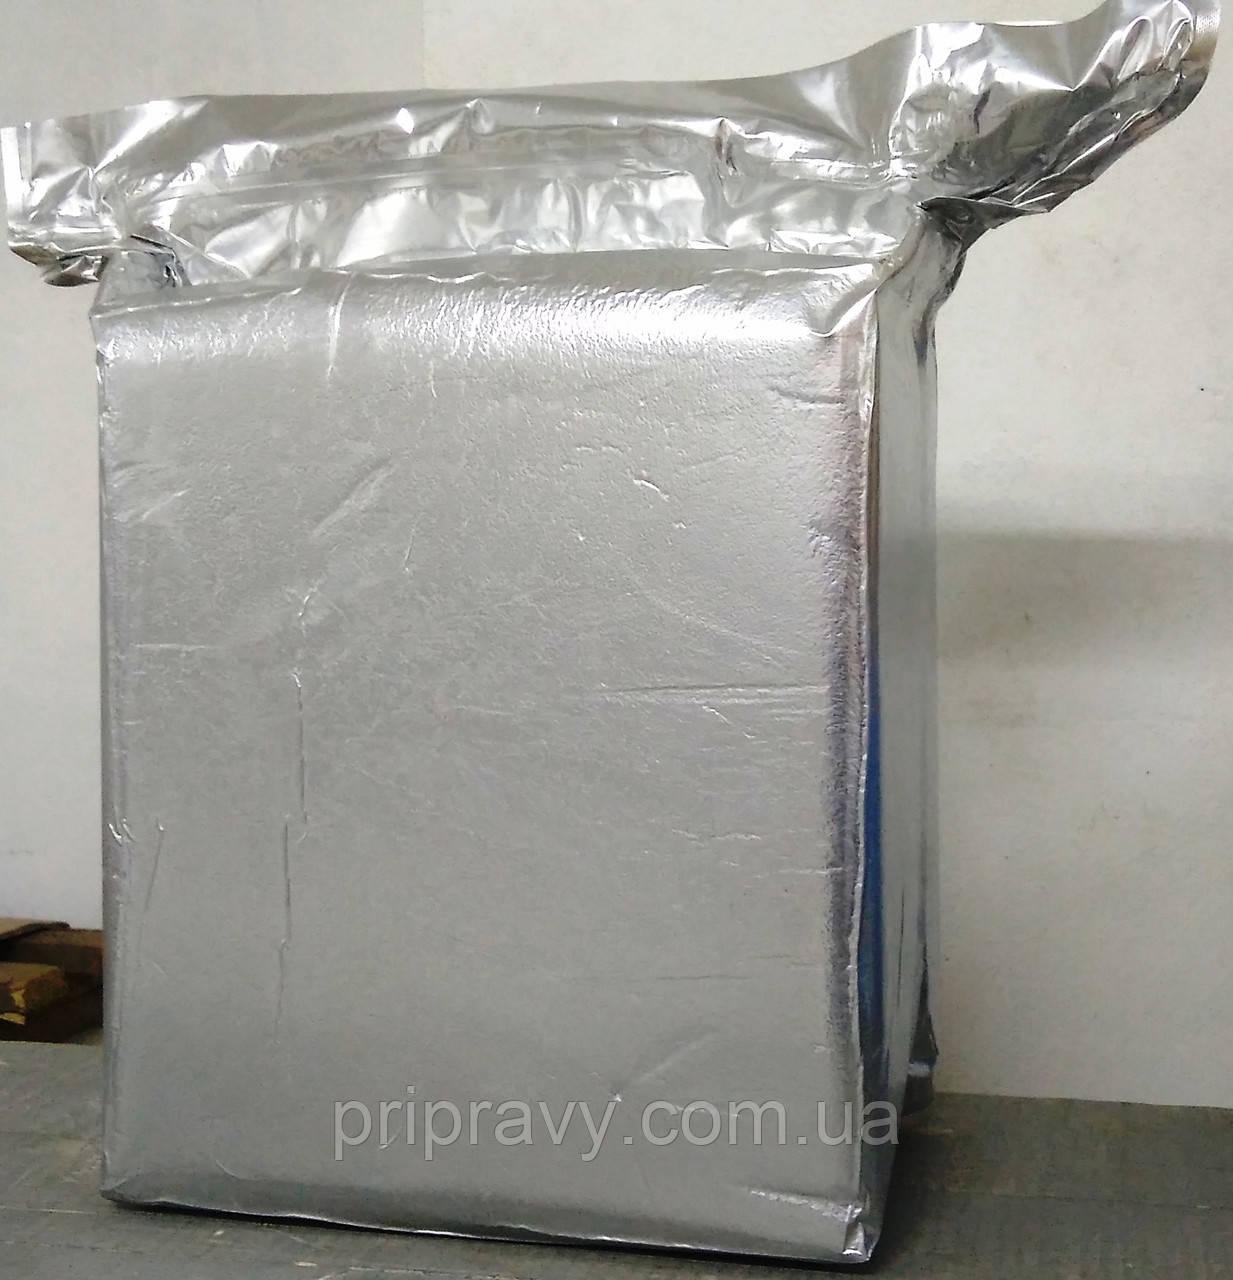 Дрожжи сухие хлебопекарские по 10 кг упаковка.